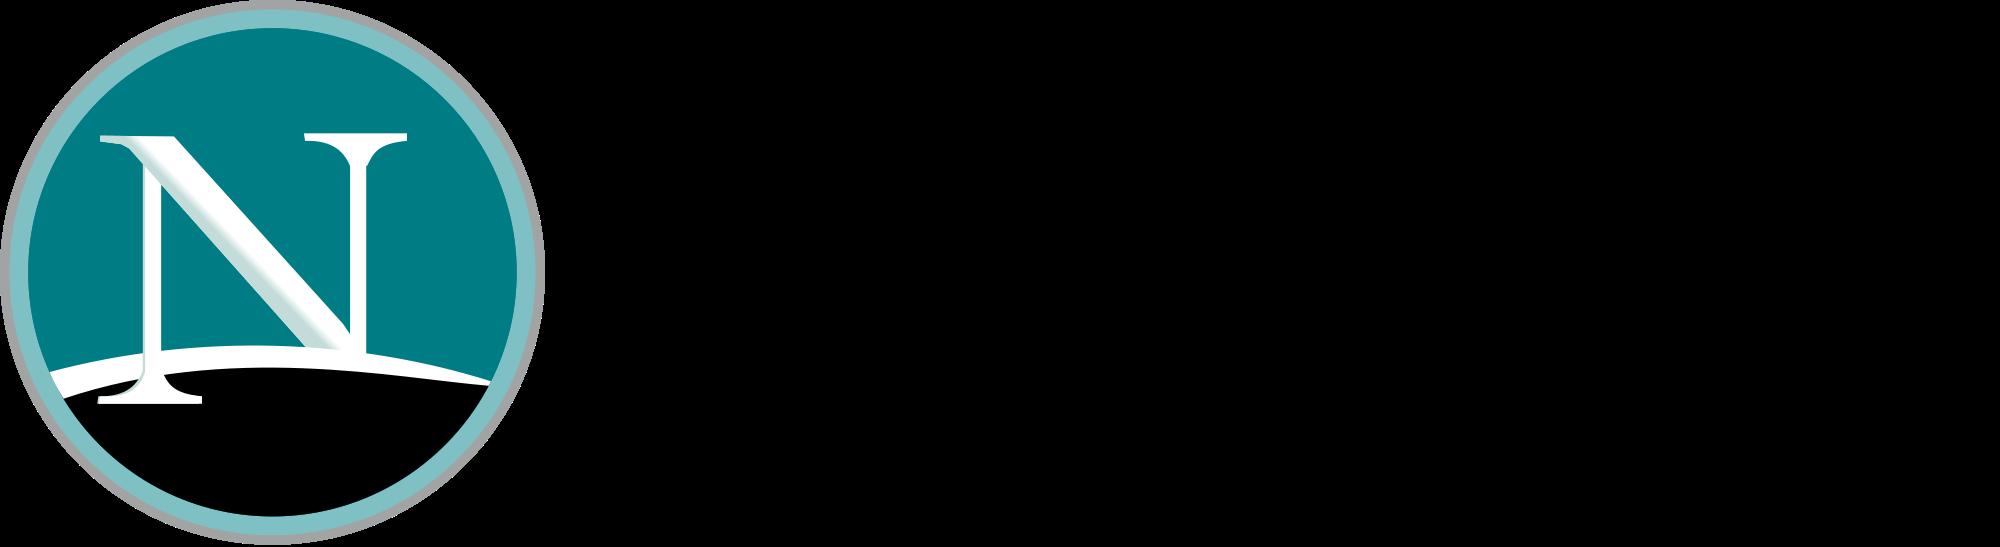 Netscape Communications logo